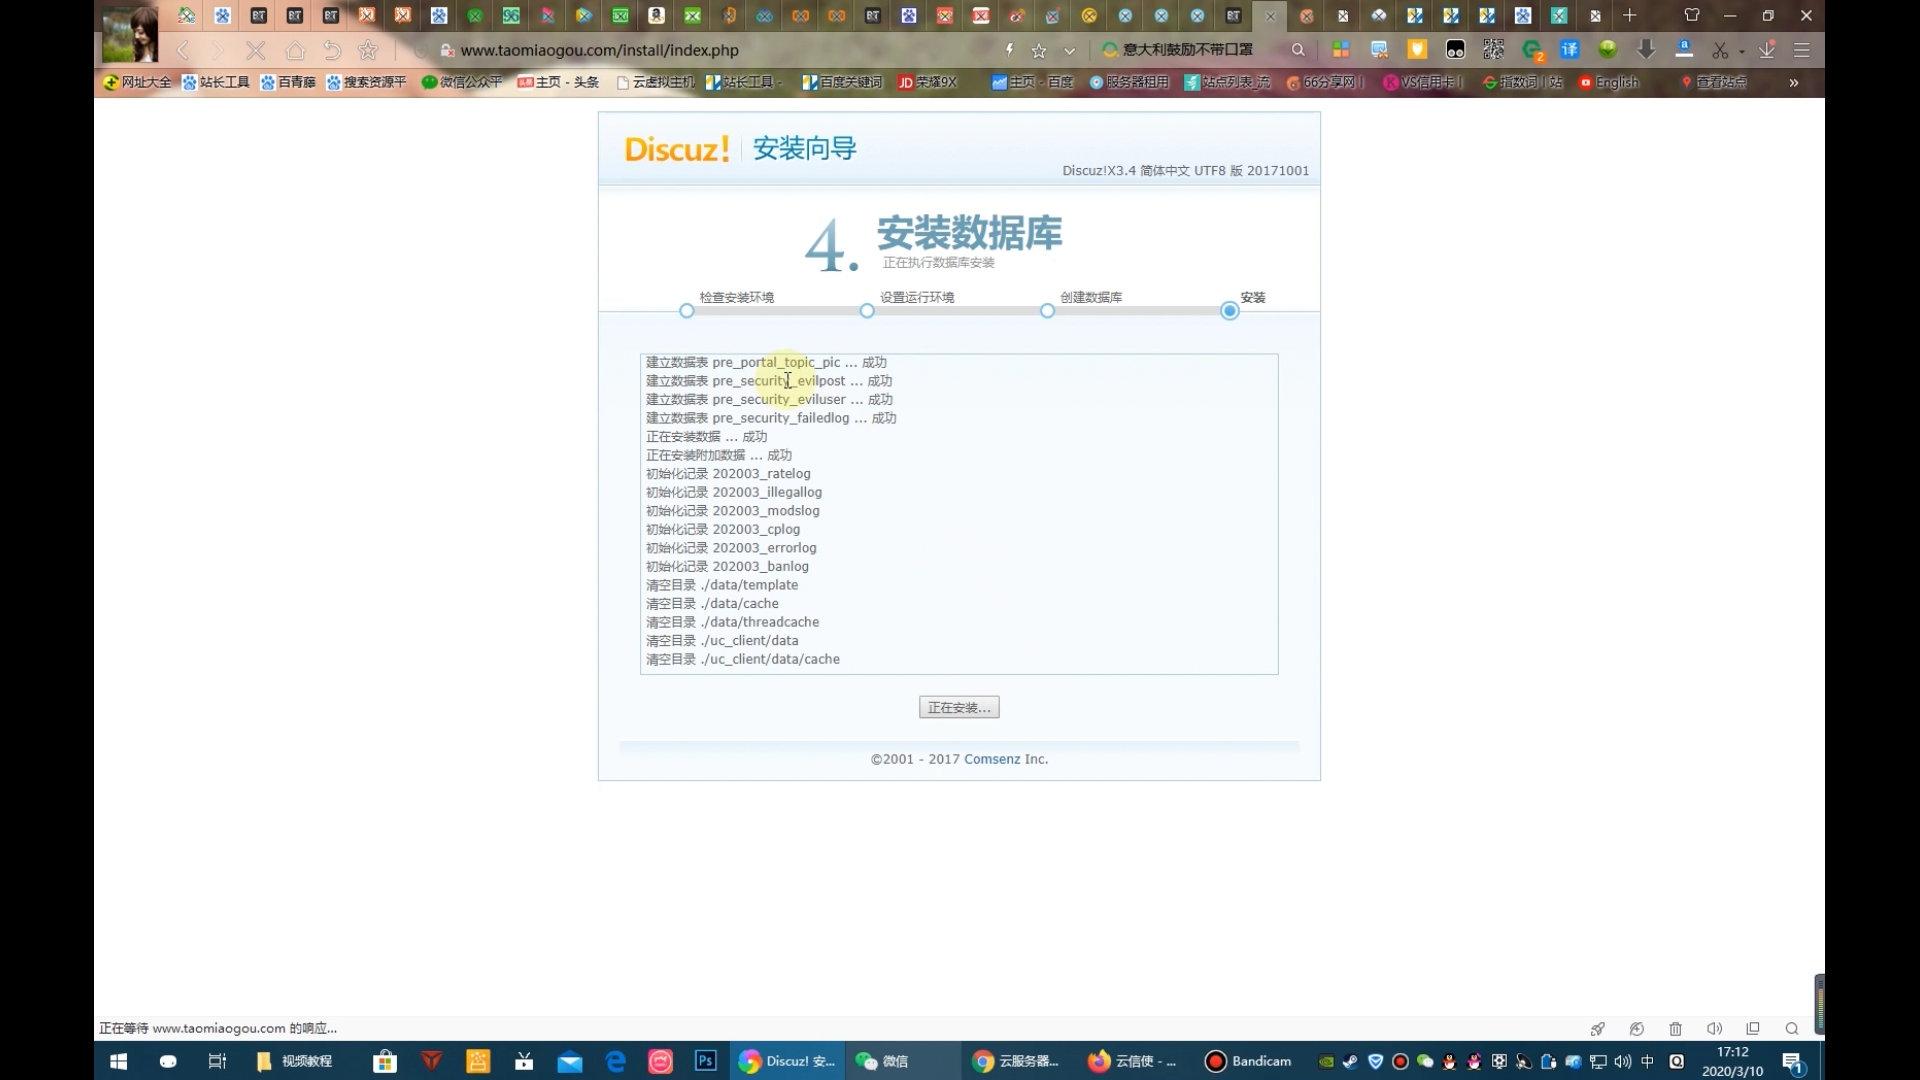 建站教程丨新手零基础使用国外免备案服务器快速搭建网站插图12